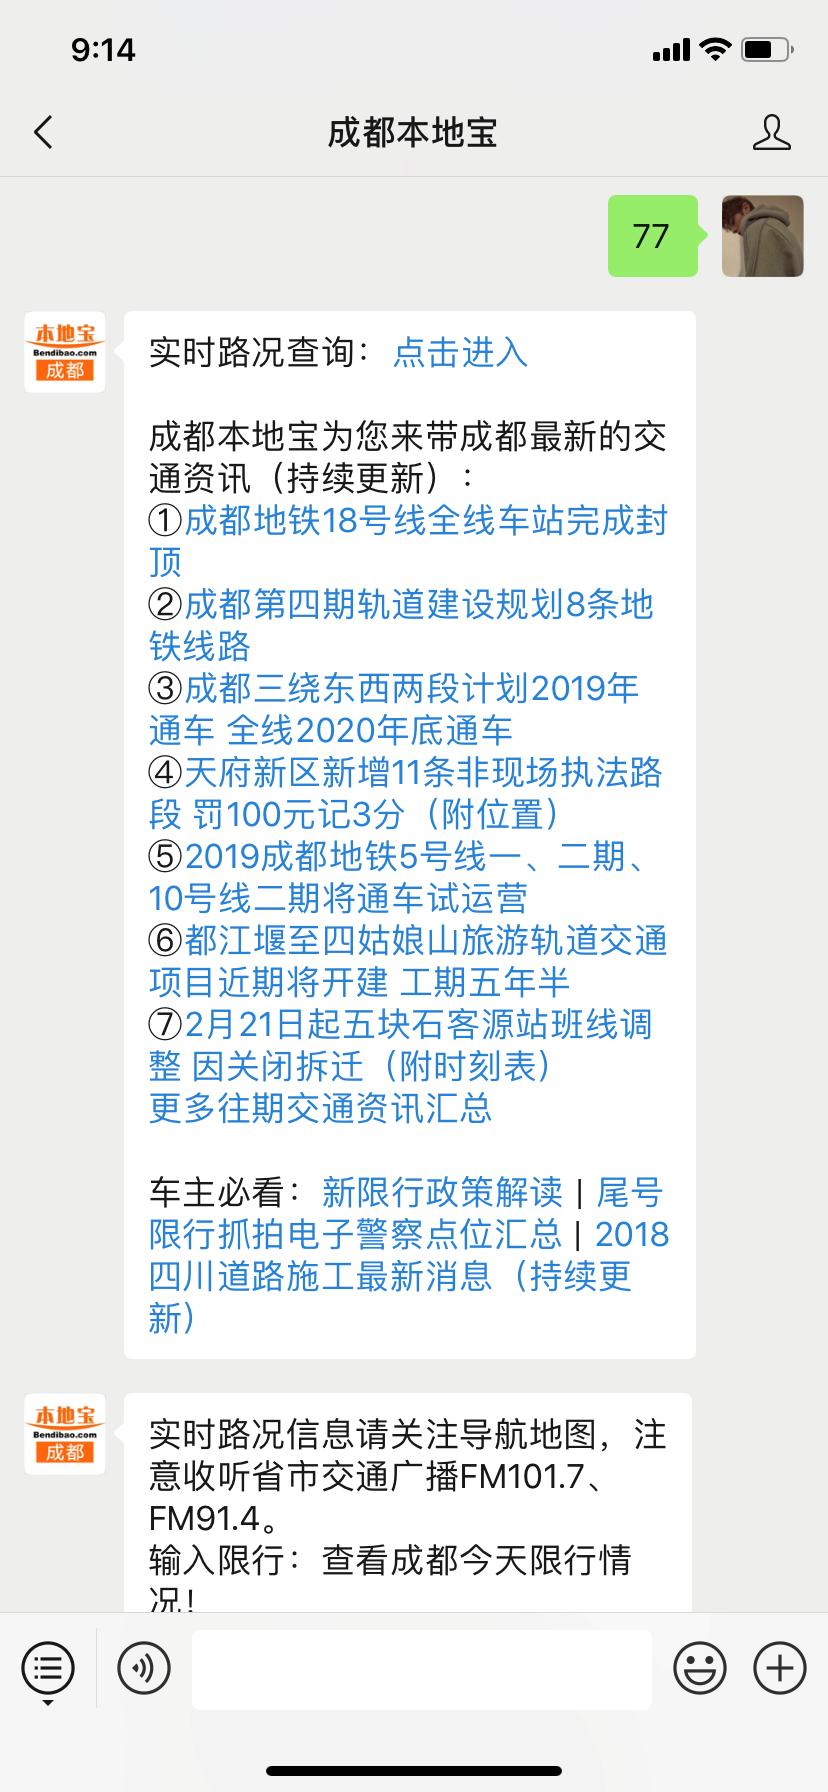 3月7日起 西源大道新达路路口北口施工禁行